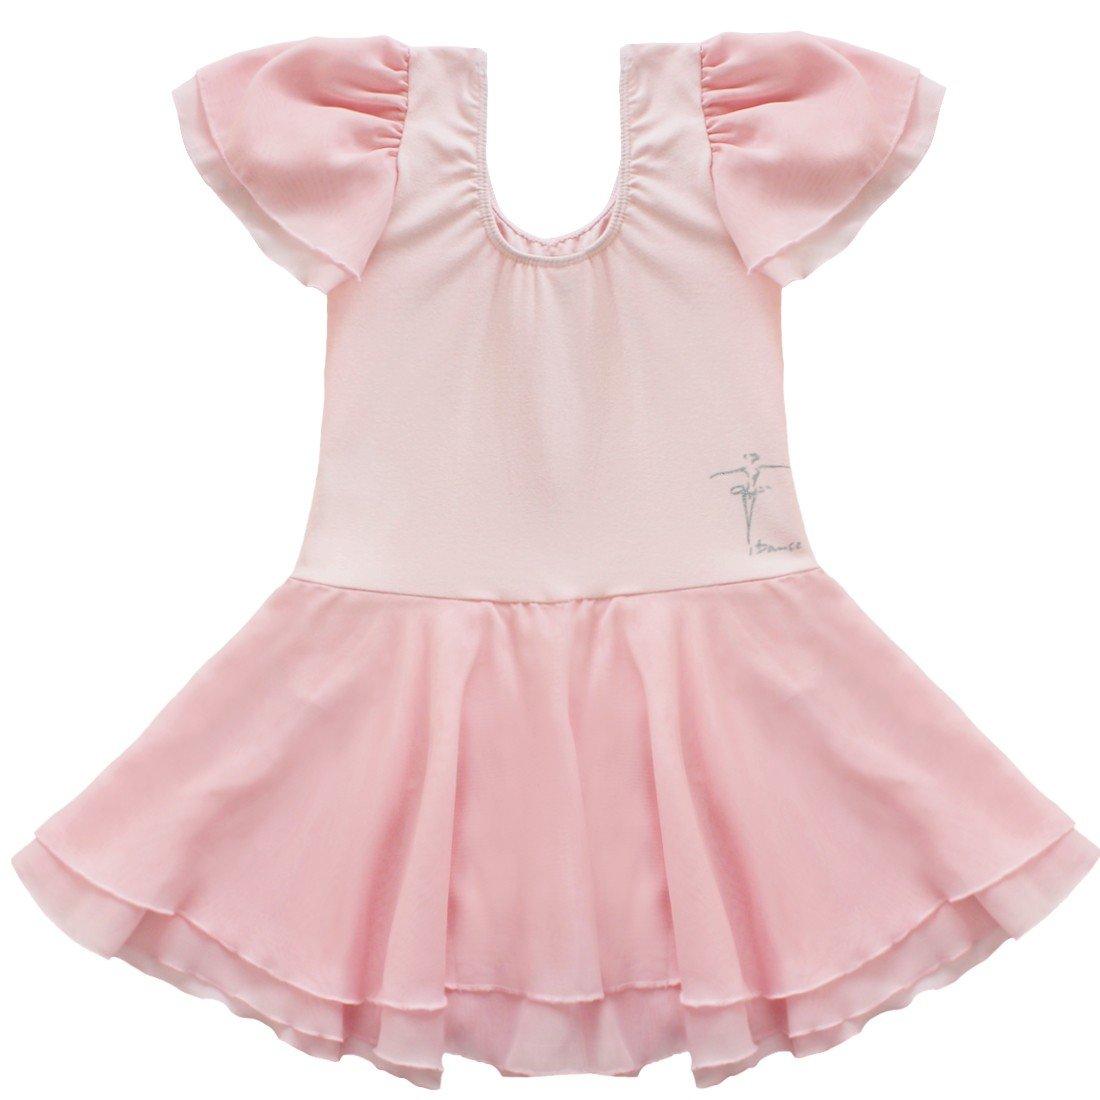 宅配 Agoky DRESS DRESS B07GRS4HMG ガールズ B07GRS4HMG ピンク ガールズ 43813, 網戸サッシ部品窓の専門店:c0ec243d --- choudeshwaripatpedhi.com